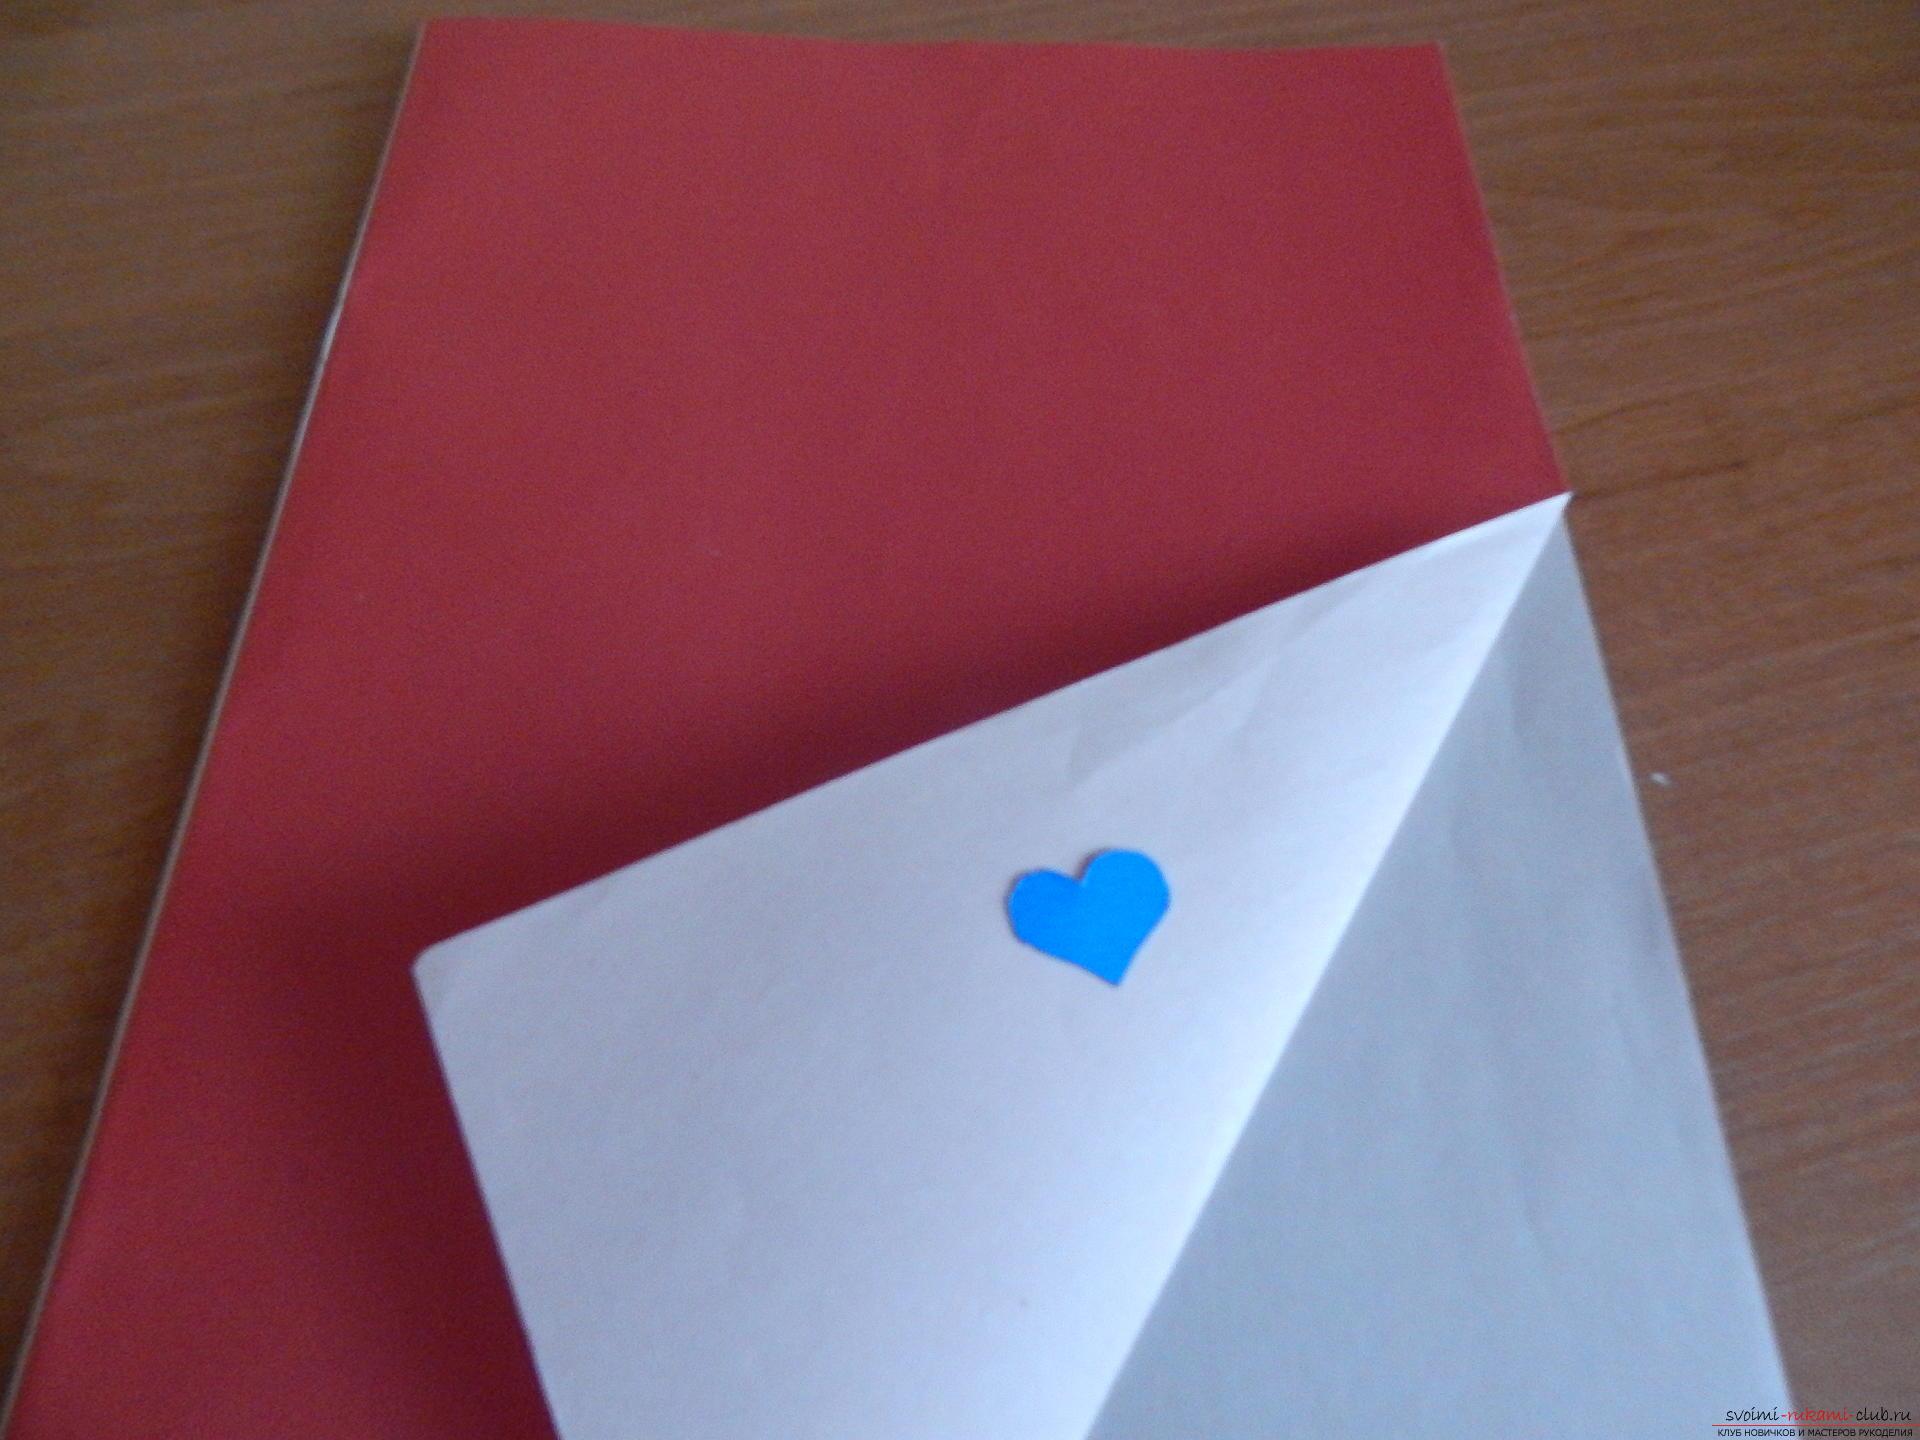 Этот подробный мастер-класс научит как сделать своими руками календарь - подарок на День влюбленных. Фото №5